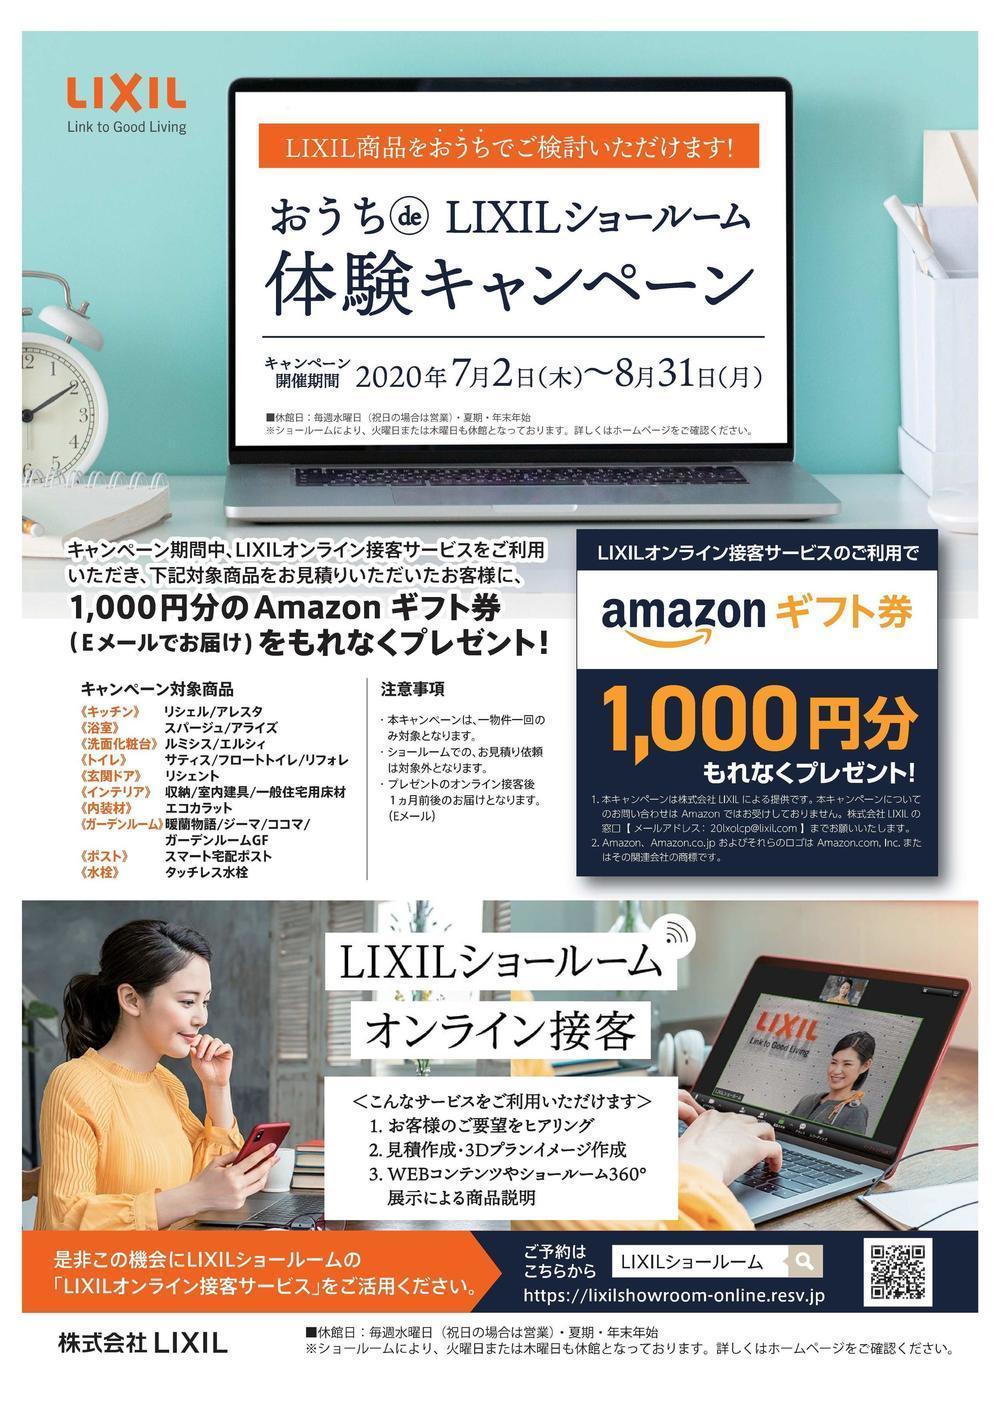 おうちdeLIXILショールーム体験CPチラシZ-1.jpgのサムネイル画像